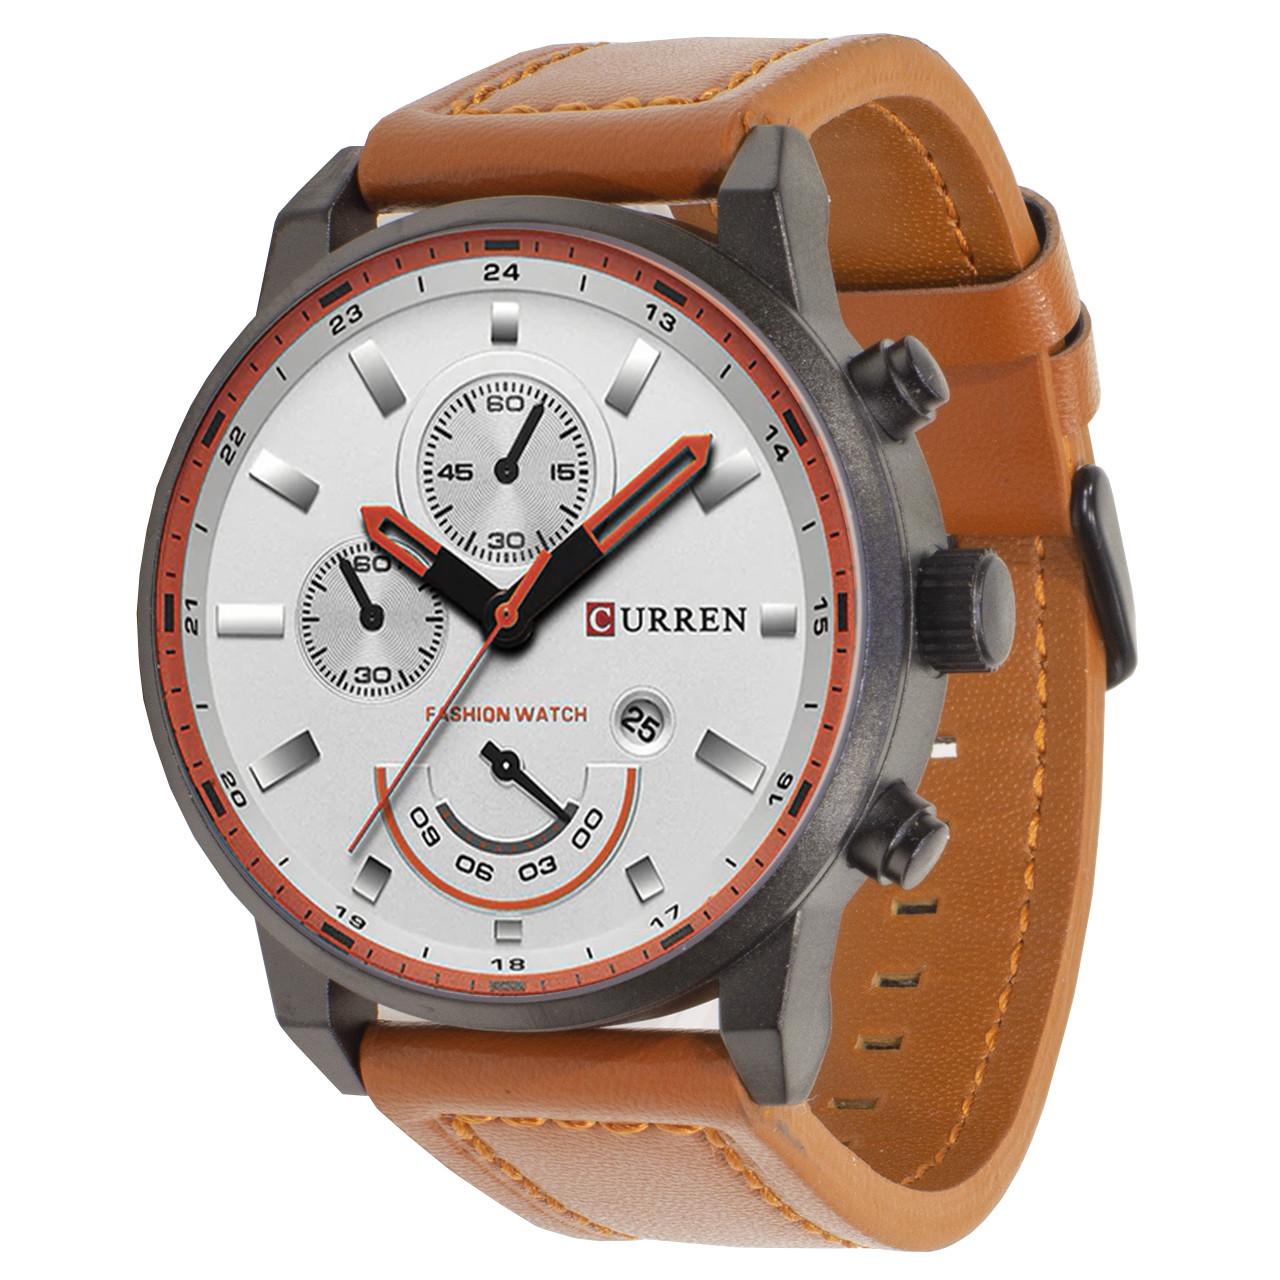 Мужские часы CURREN 8217 White + Brown (3116-8680а)